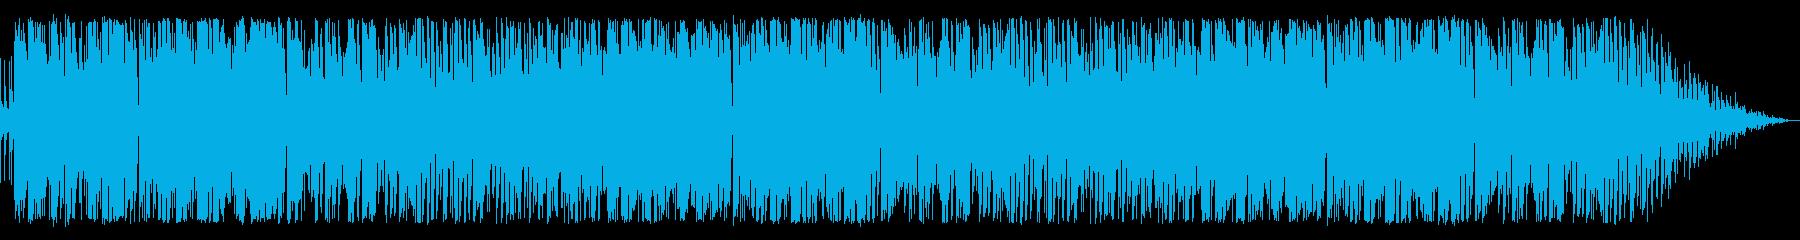 ヒロイン専用の戦闘曲の再生済みの波形